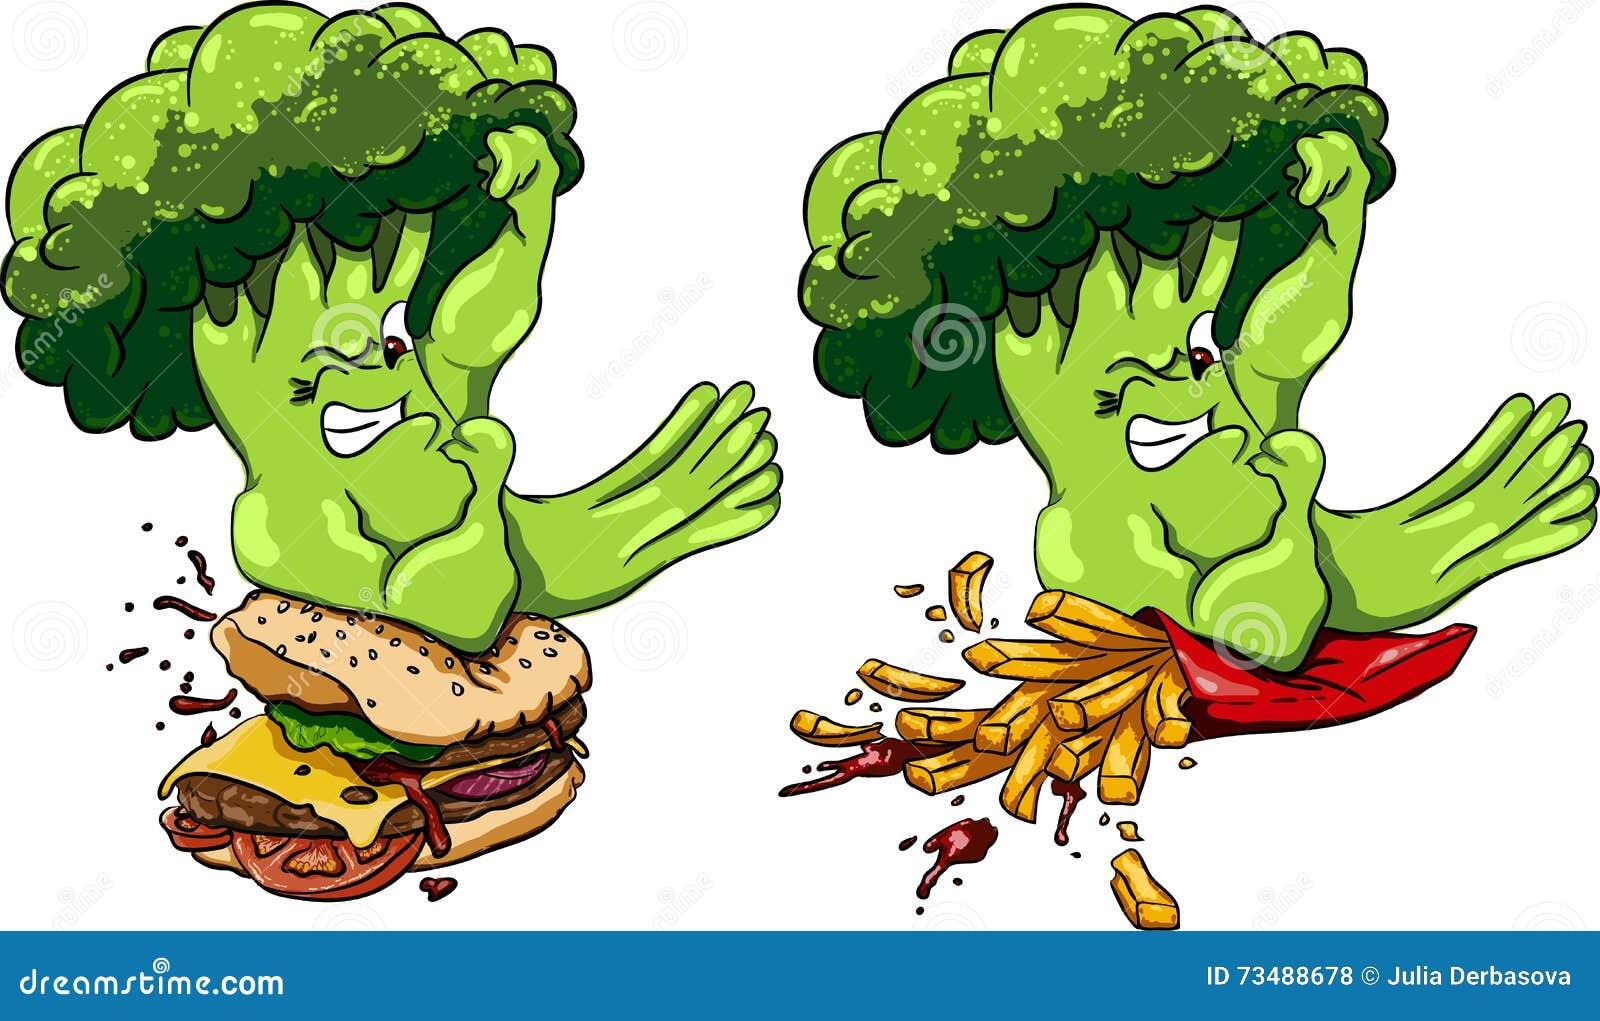 Брокколи против бургера и французских фраев, здоровая еда голодает, конкуренция